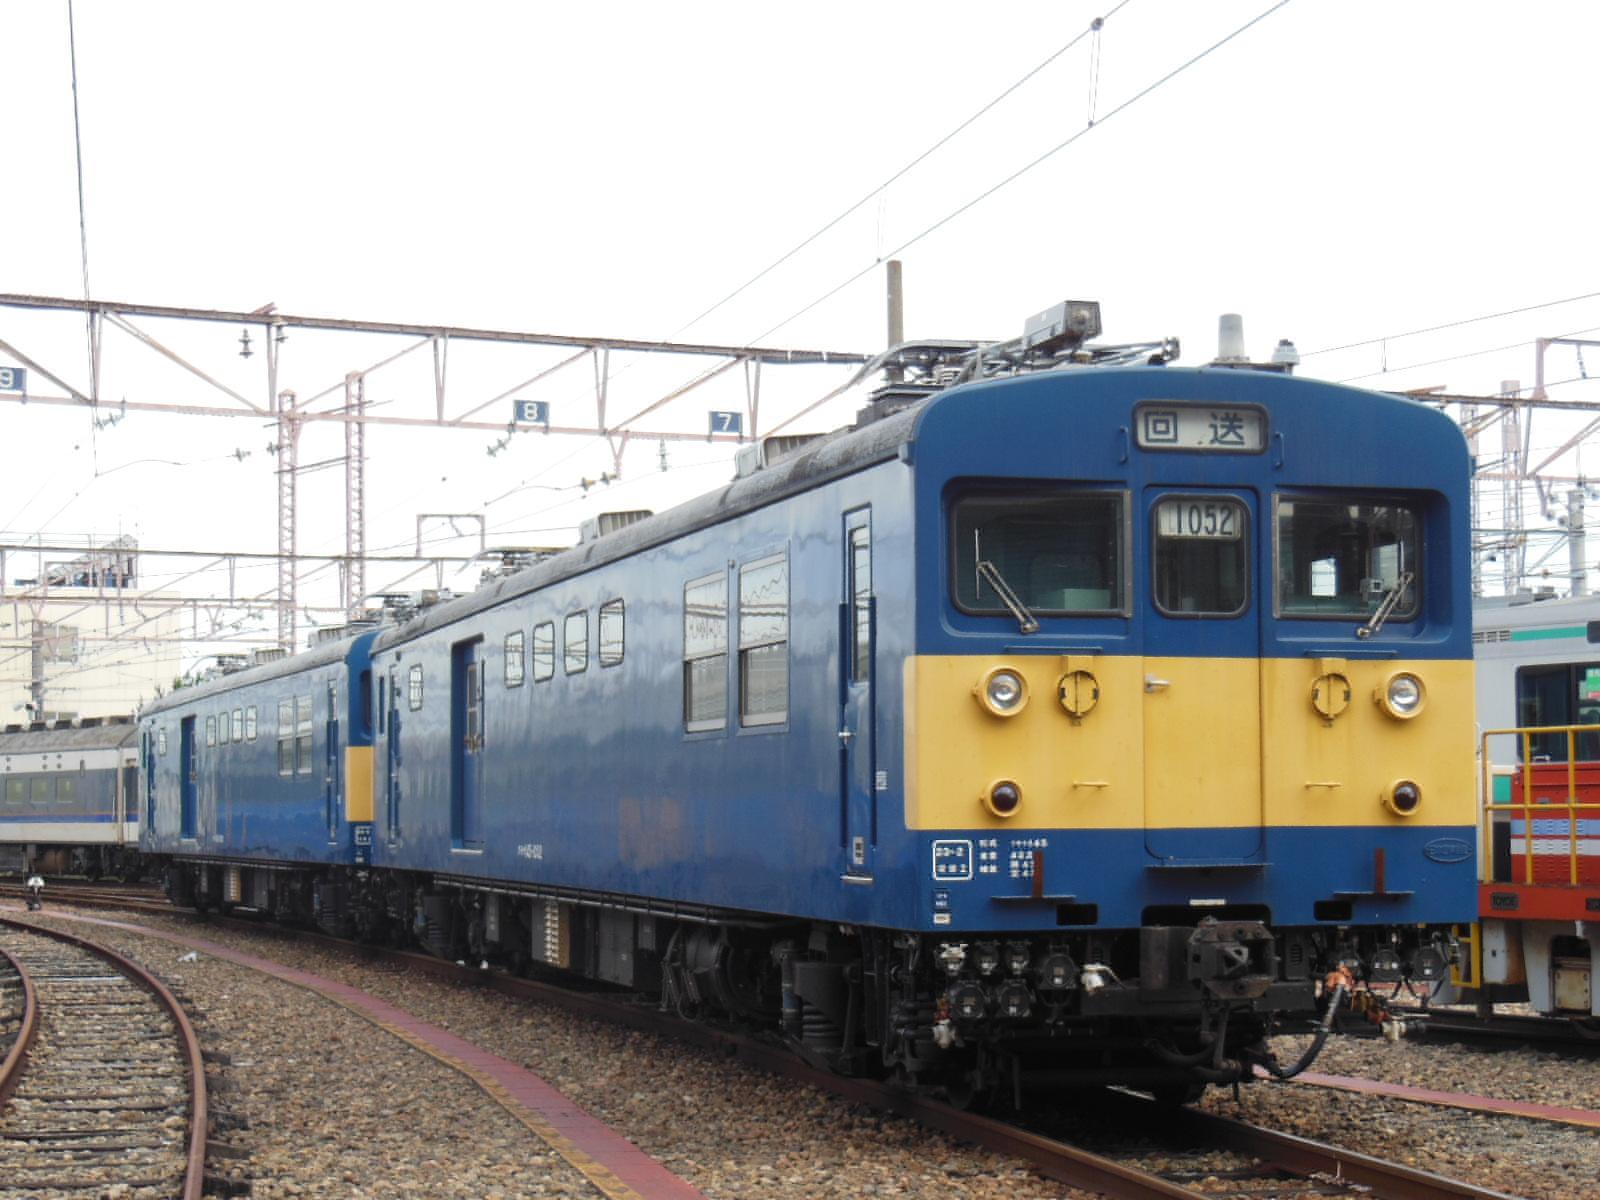 DSCN5407.jpg